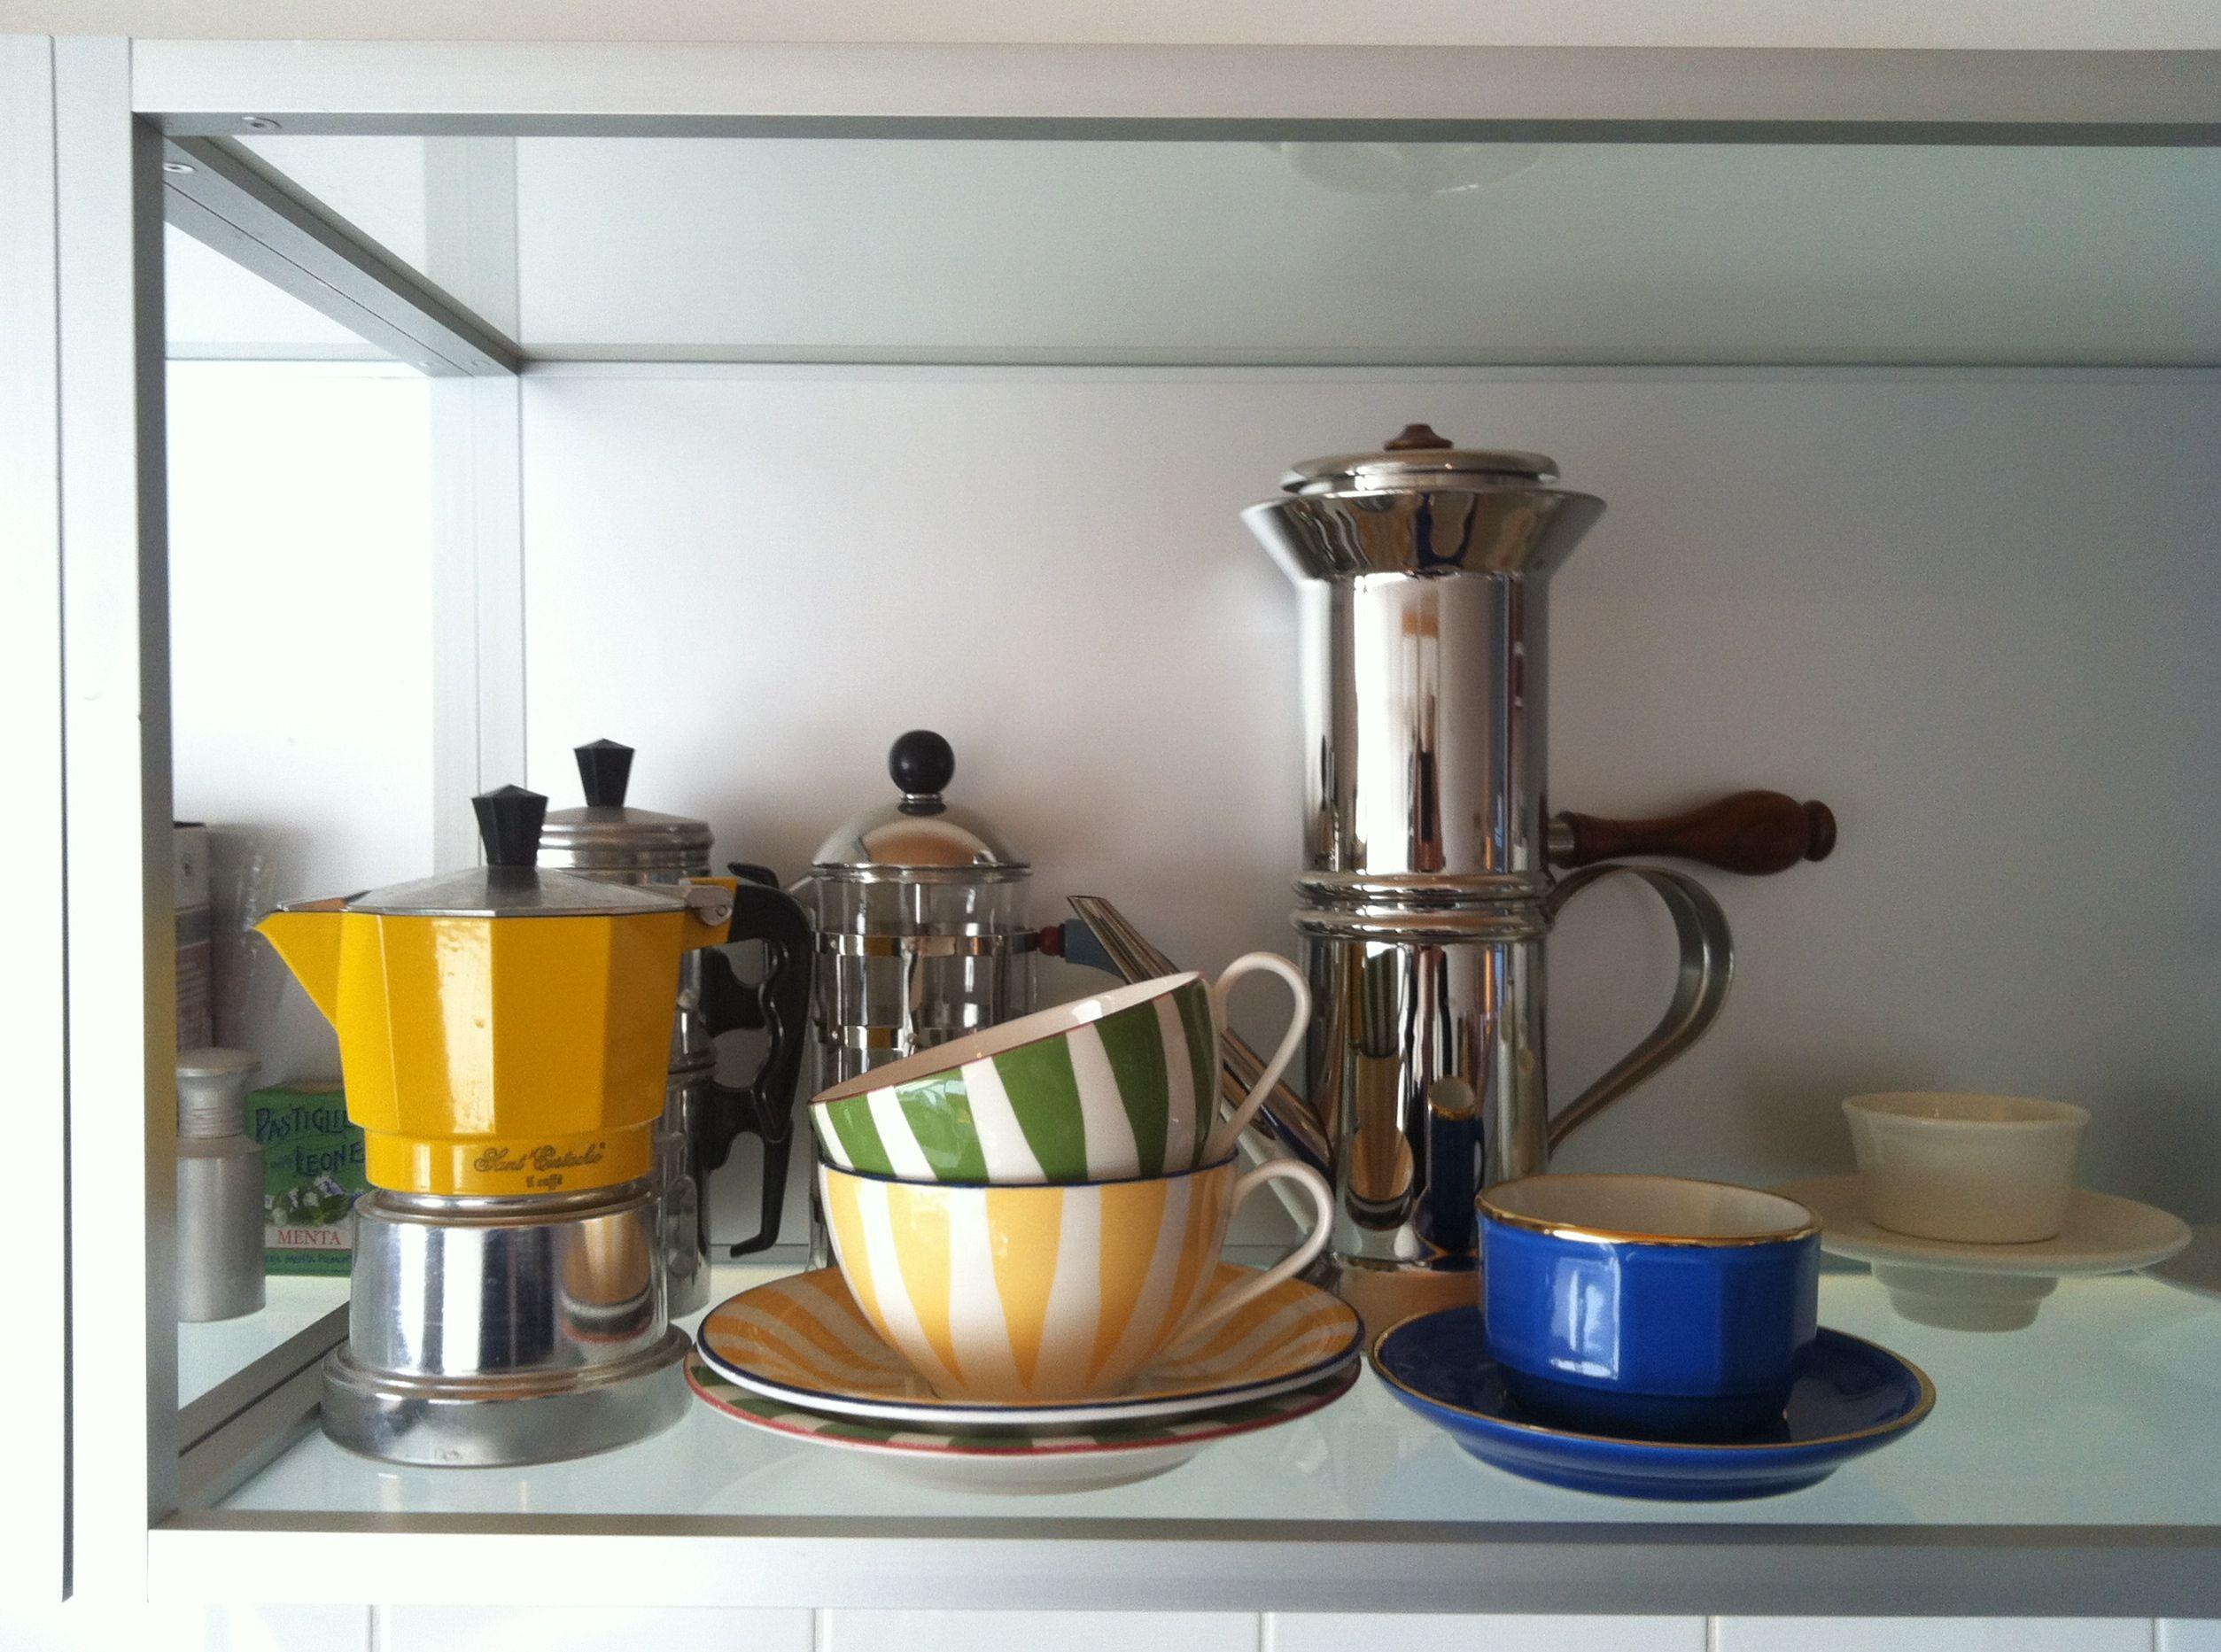 cafetière napolitano Kitchen appliances, Coffee maker